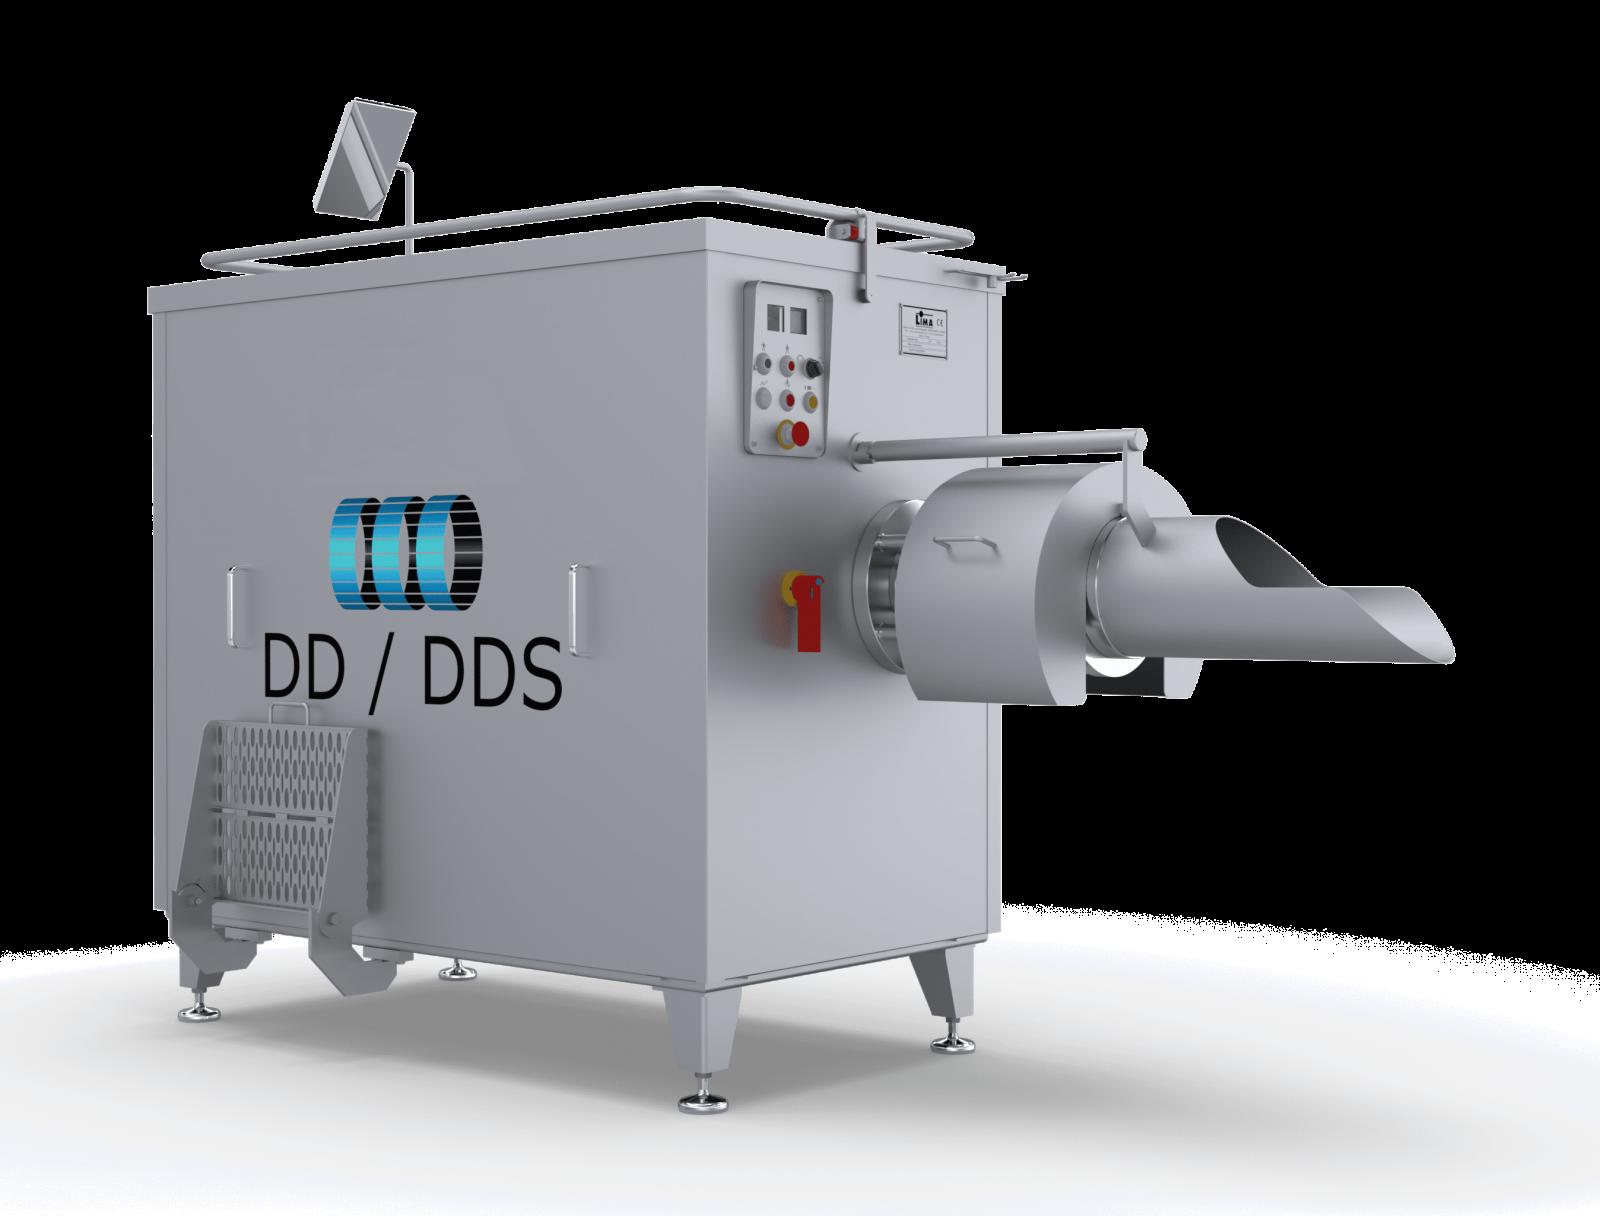 Deshuesadoras / Desnervadoras gama DD/DDS & DDM/DDSM